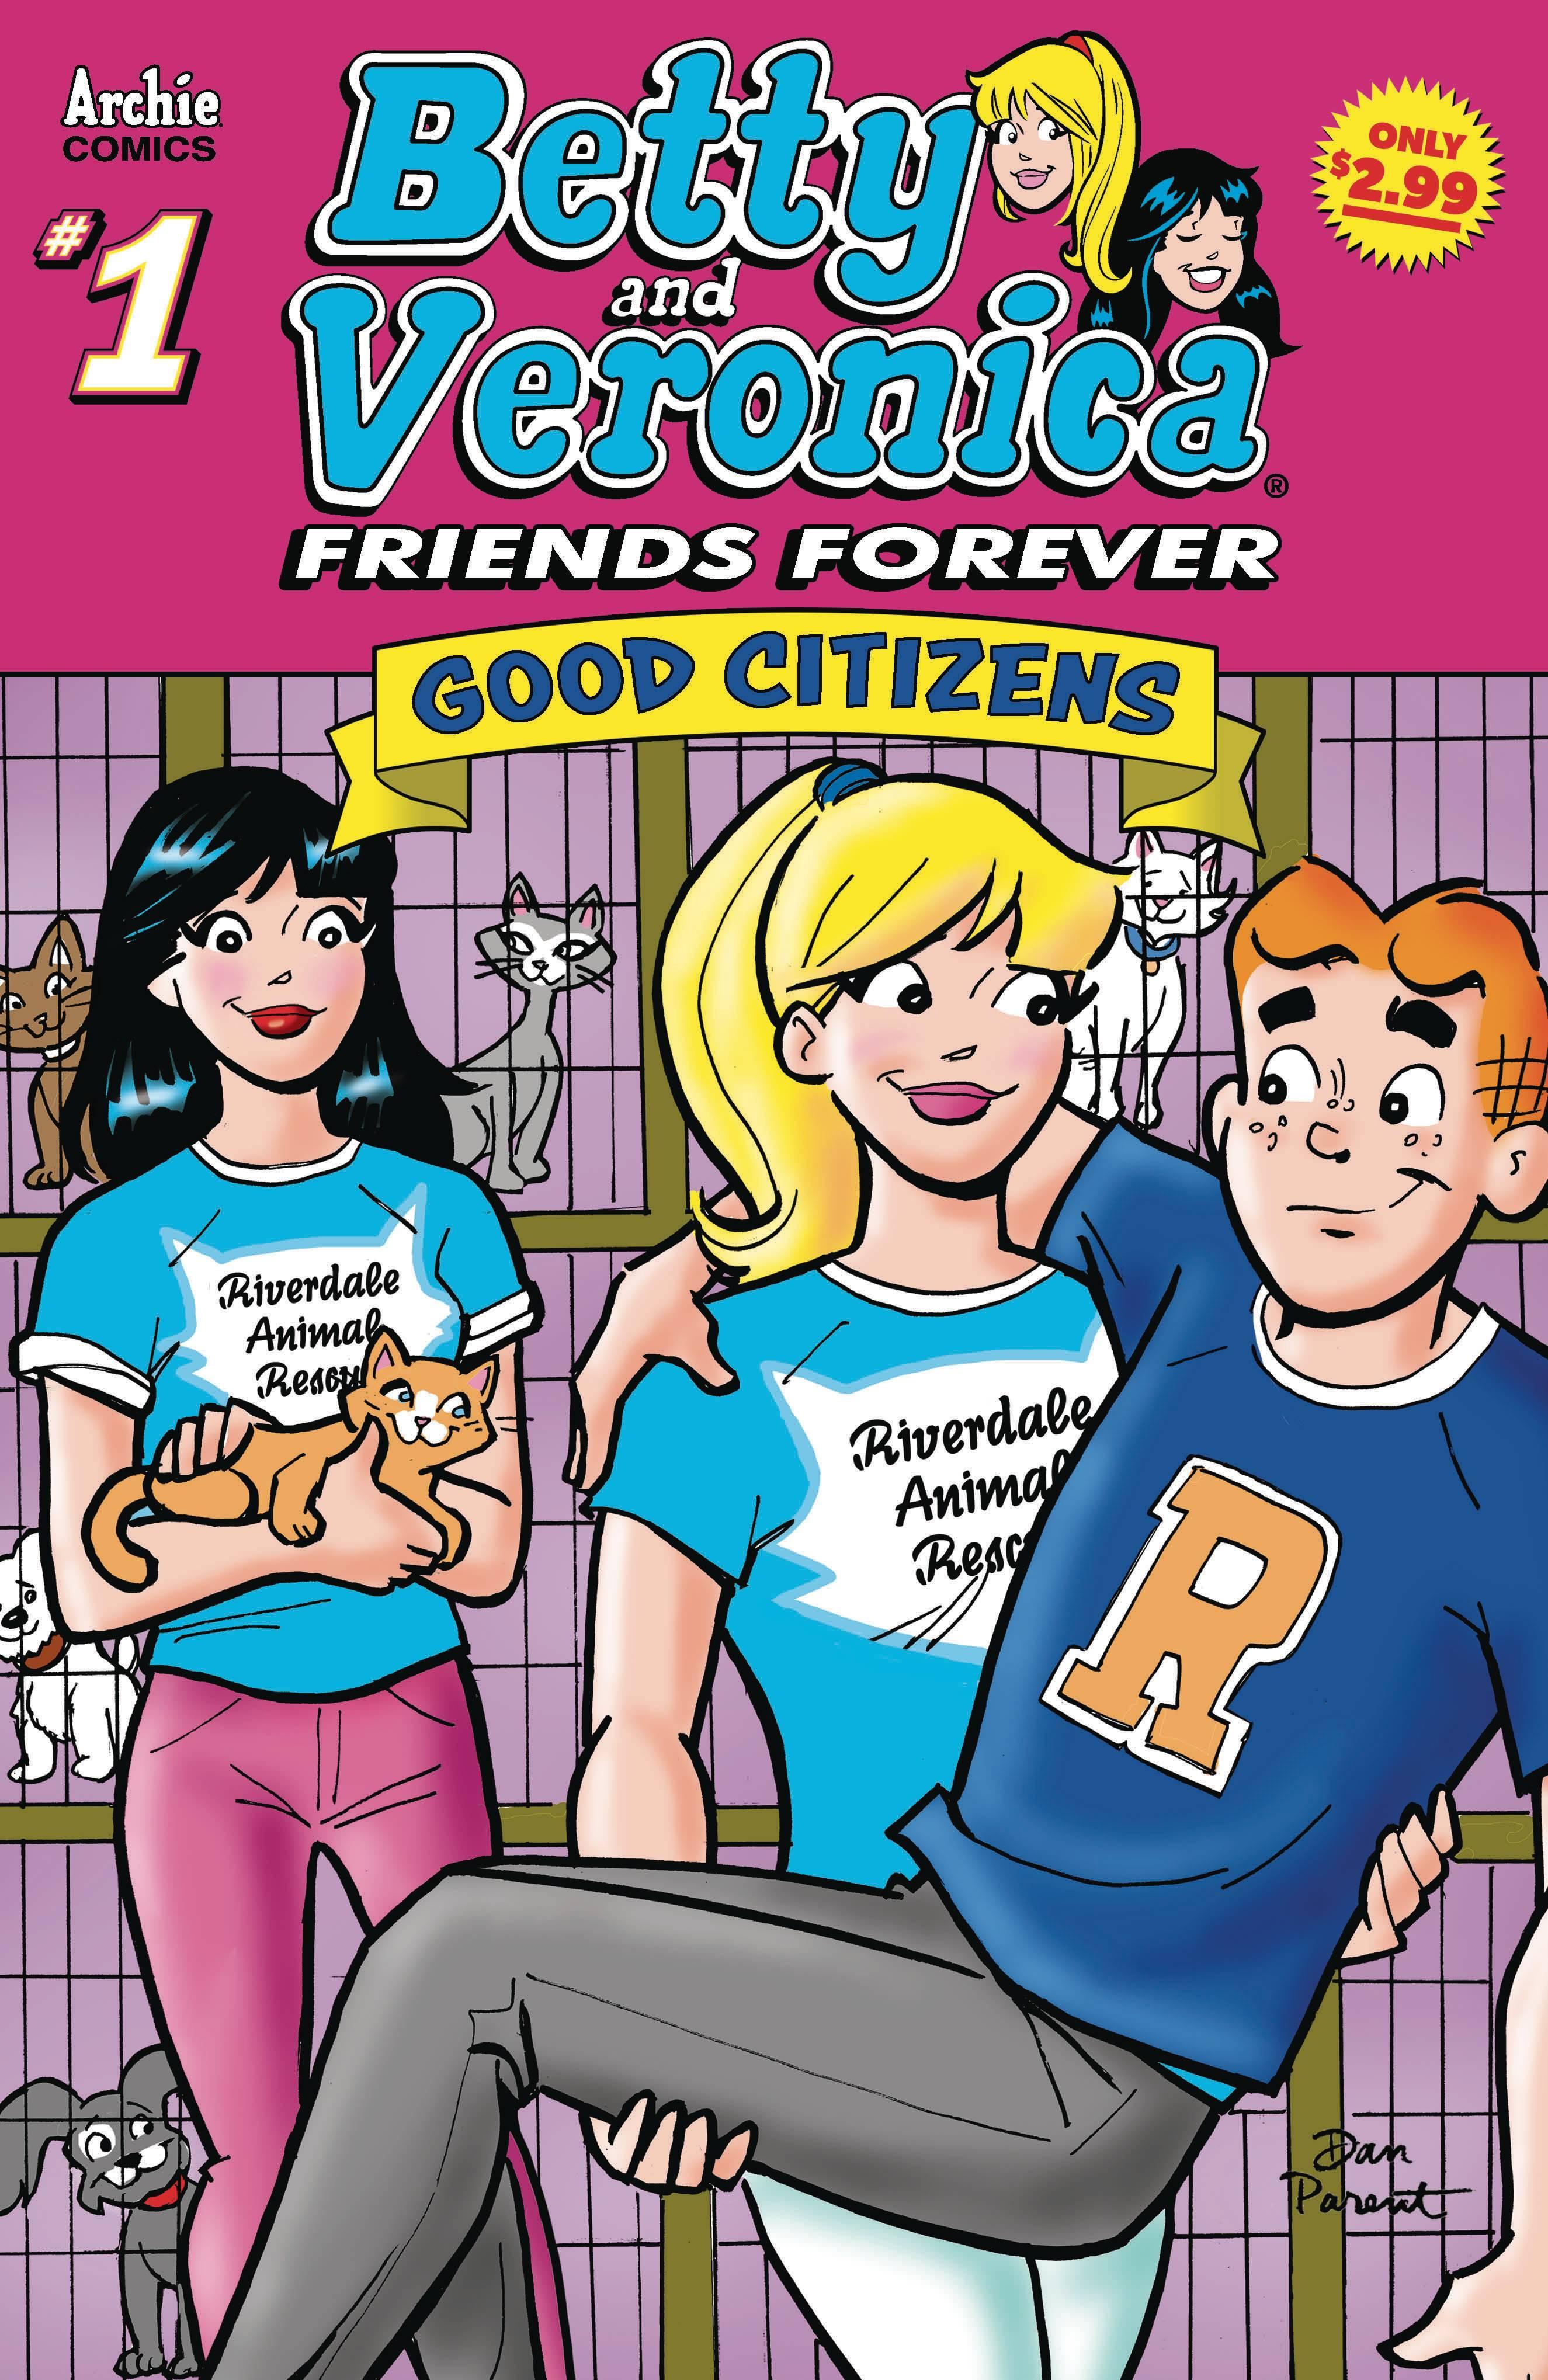 BETTY & VERONICA FRIENDS FOREVER GOOD CITIZEN